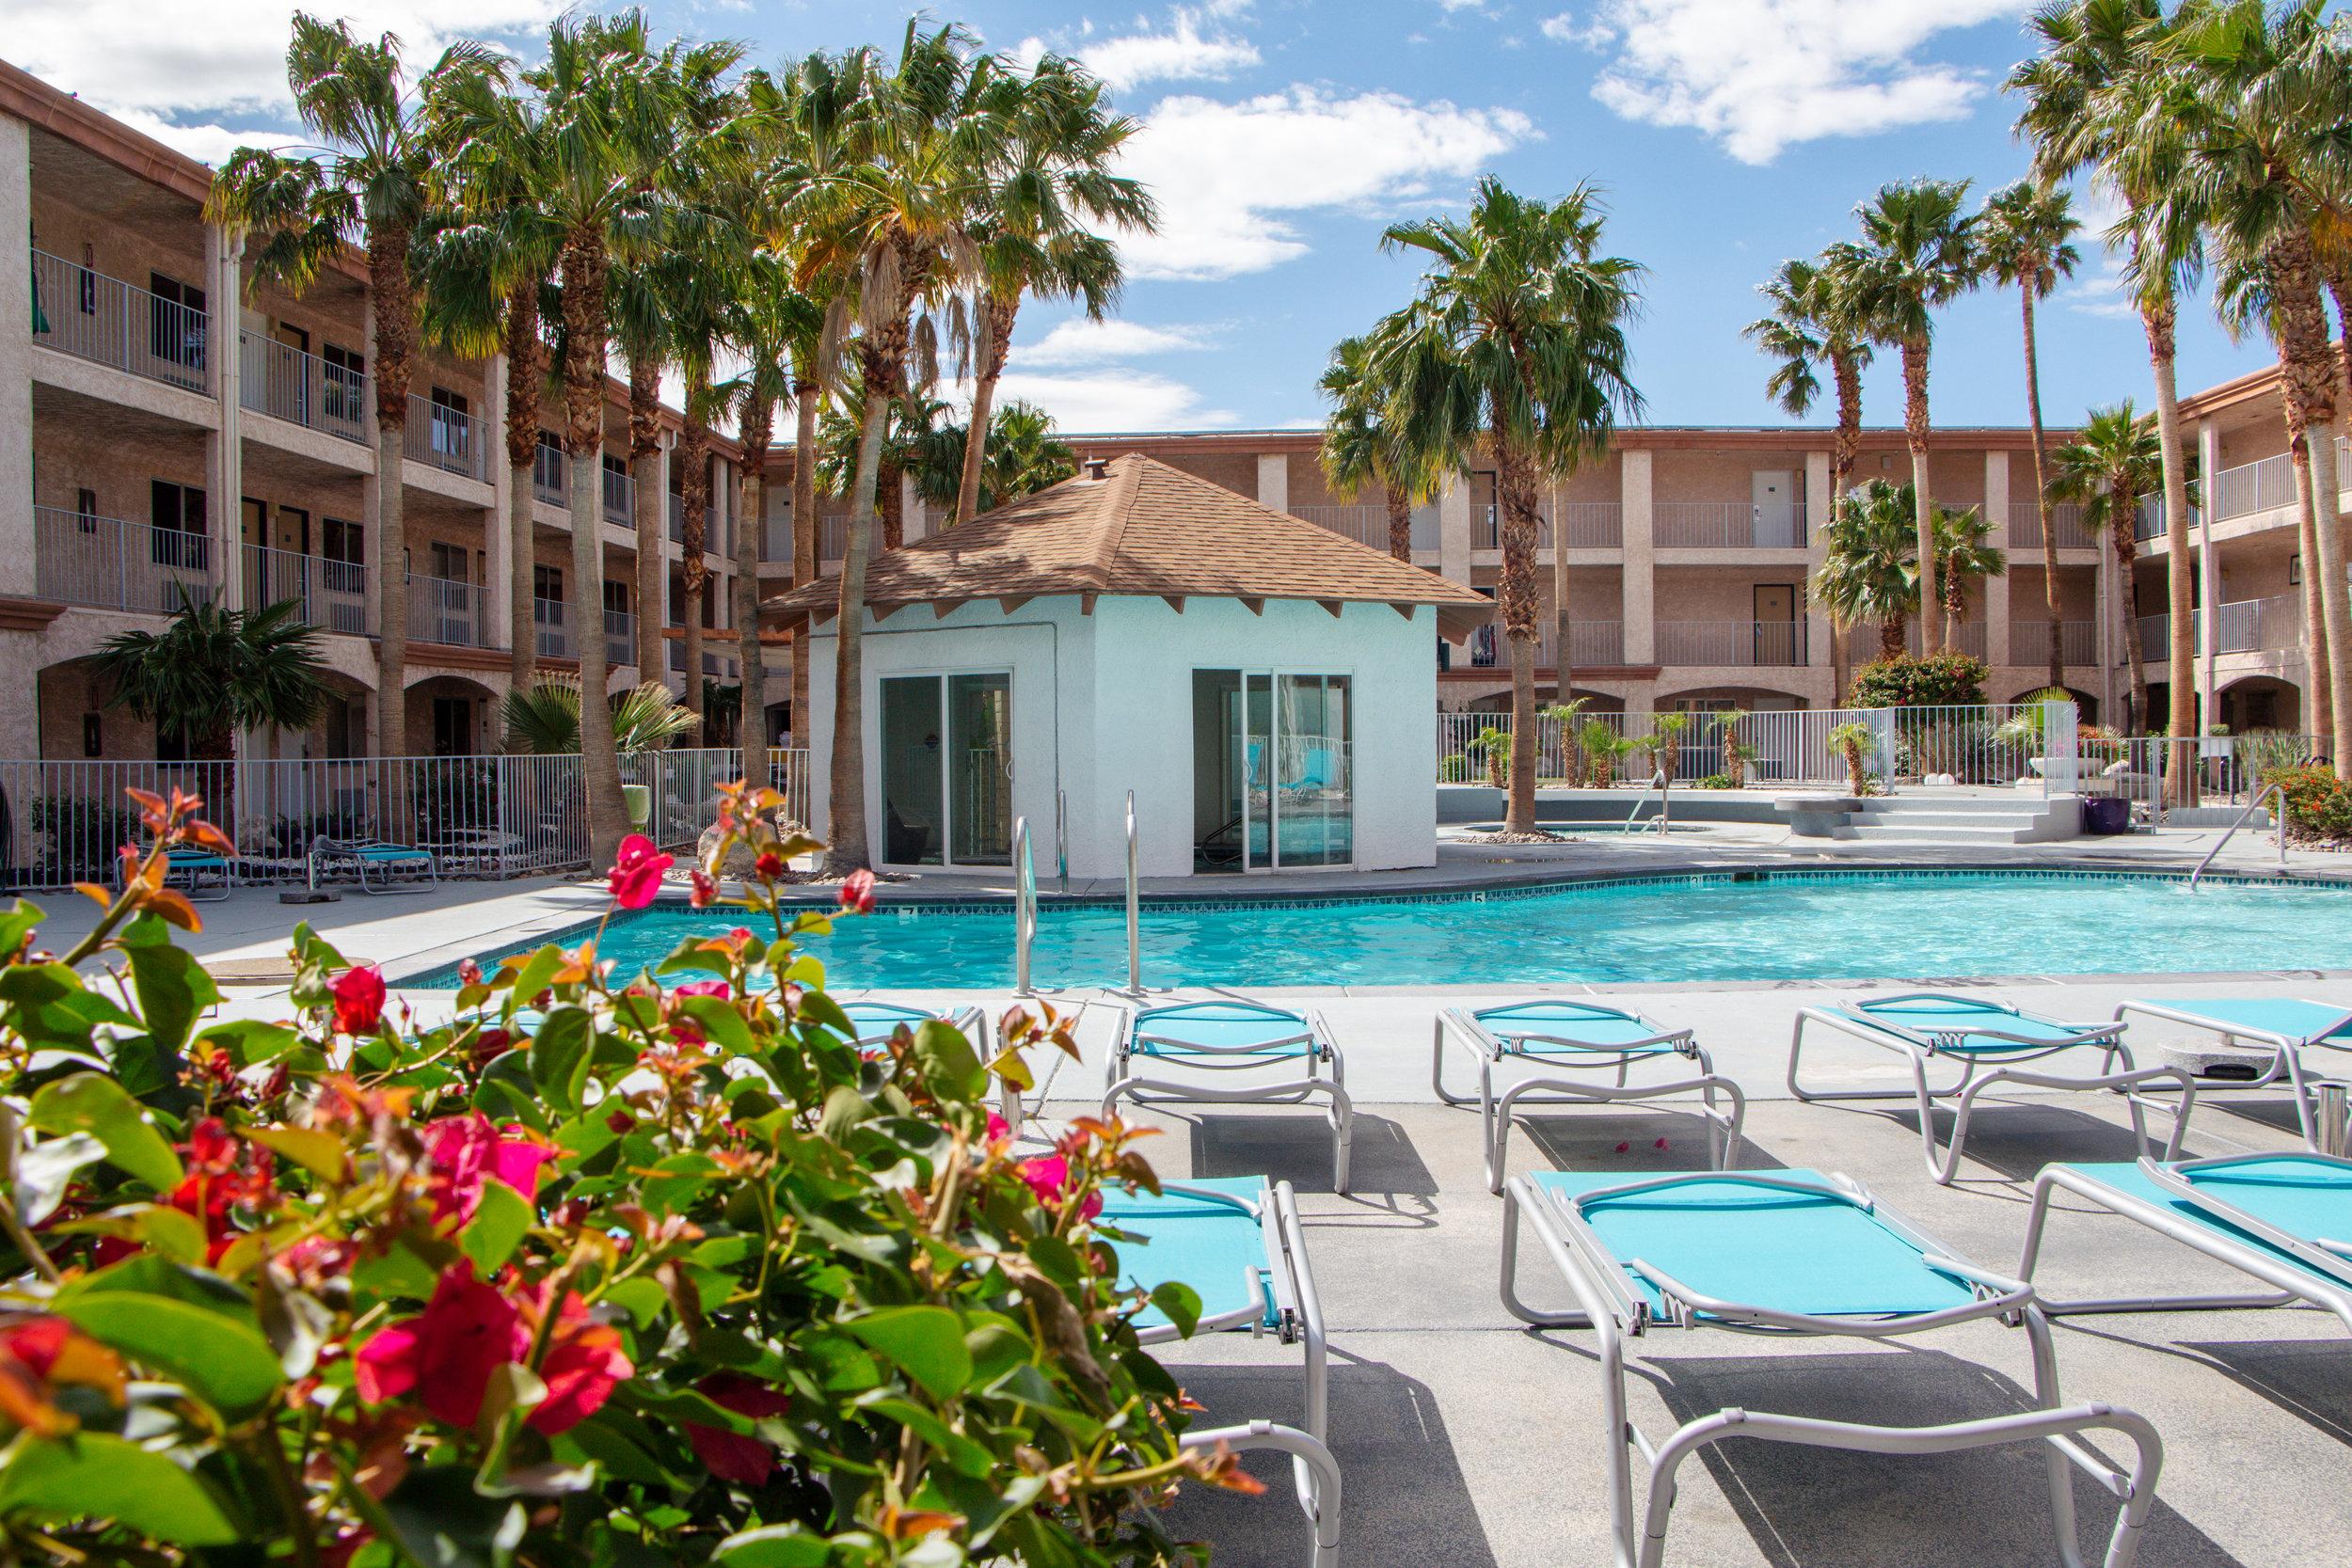 desert-hot-springs-yoga-retreat-resort-poolside.jpg